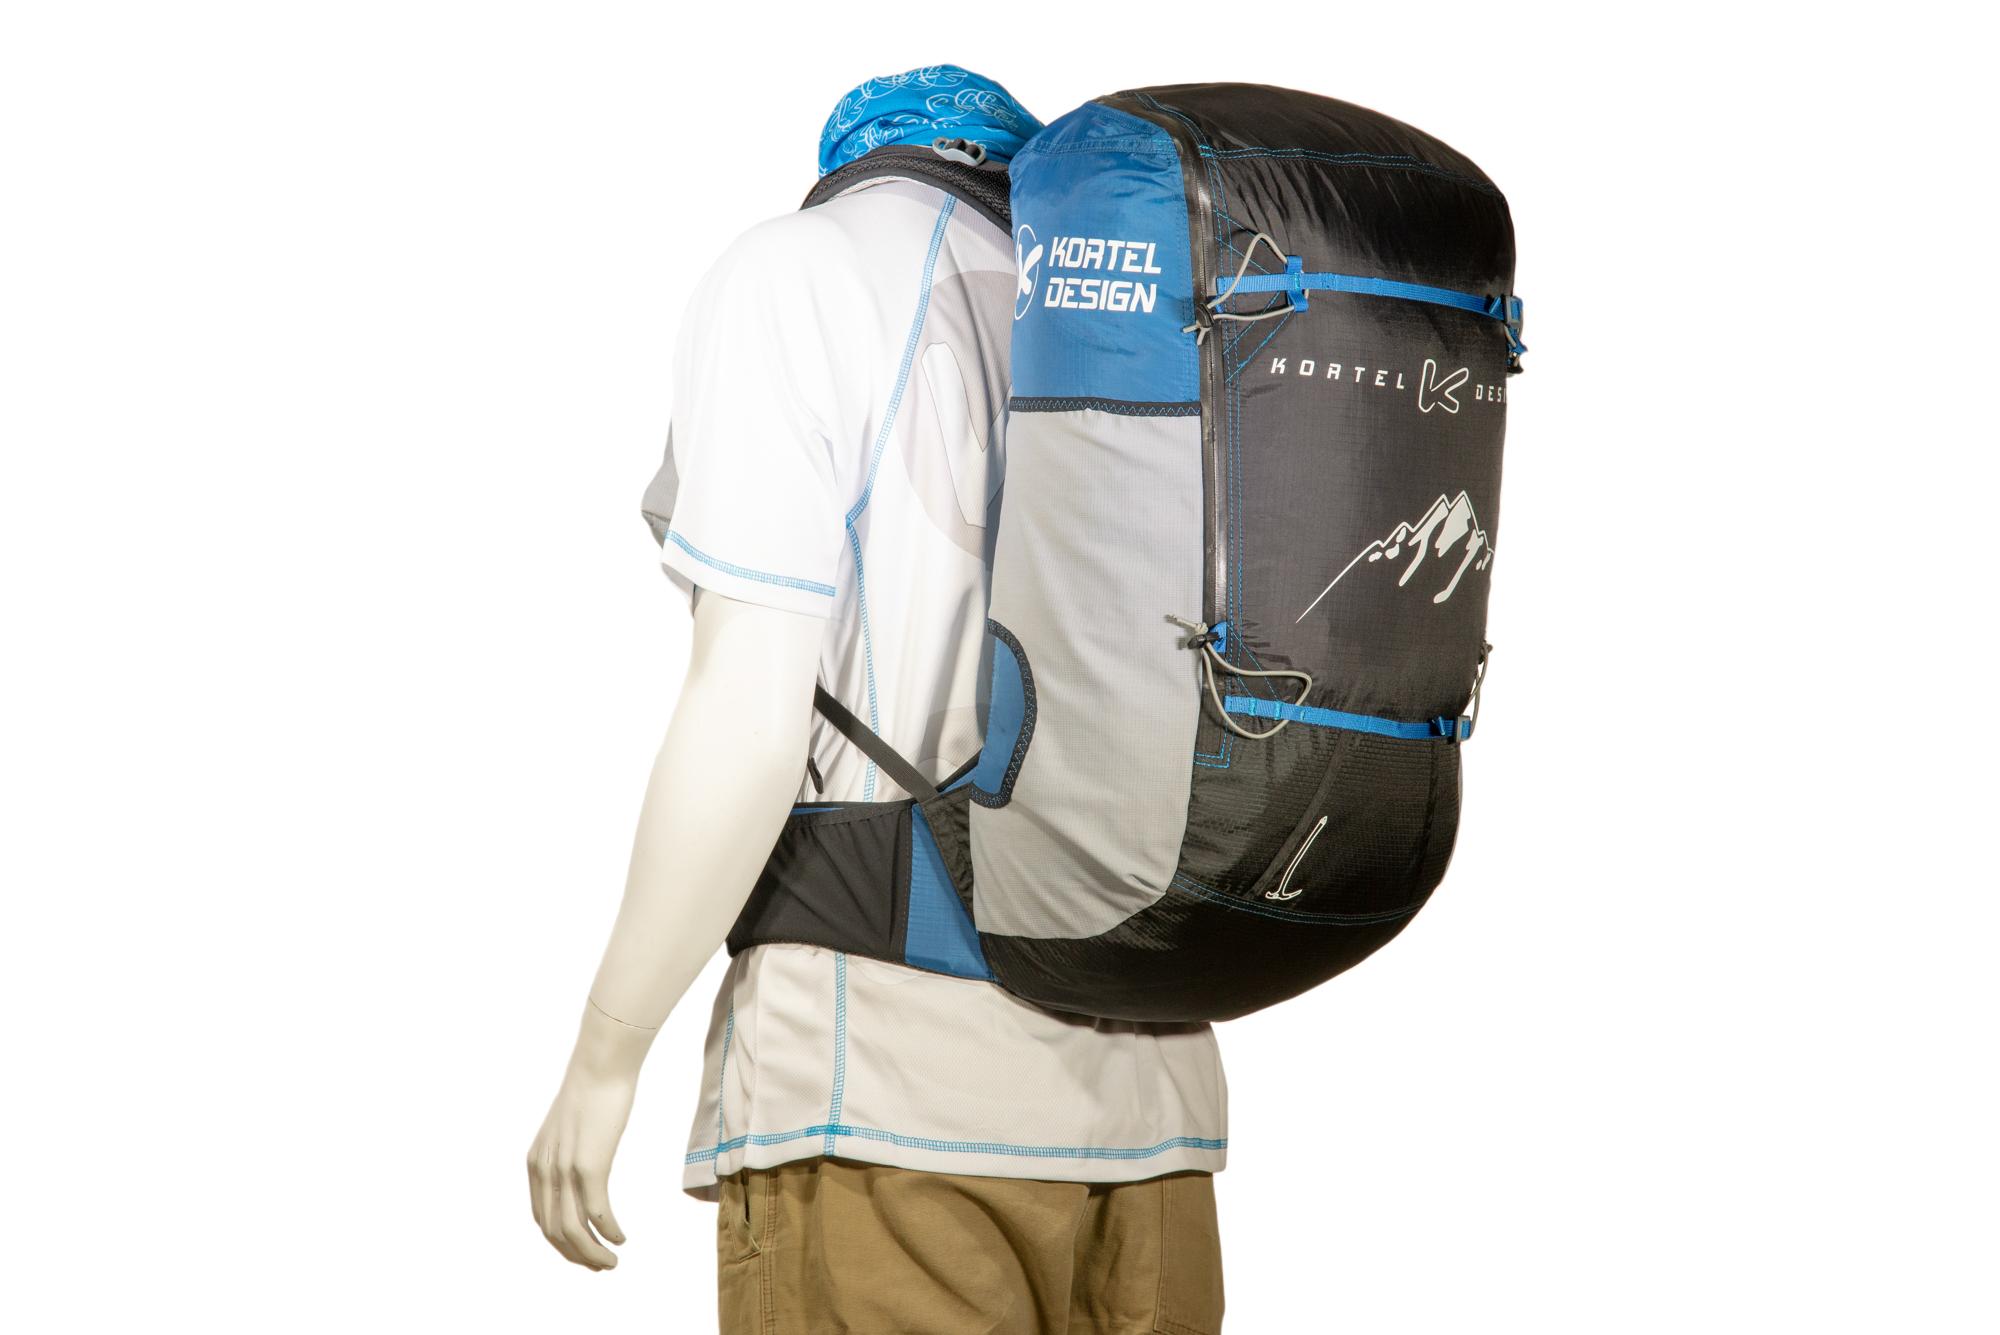 Nombreuses poches filet latérales, avec accès possible en marchant